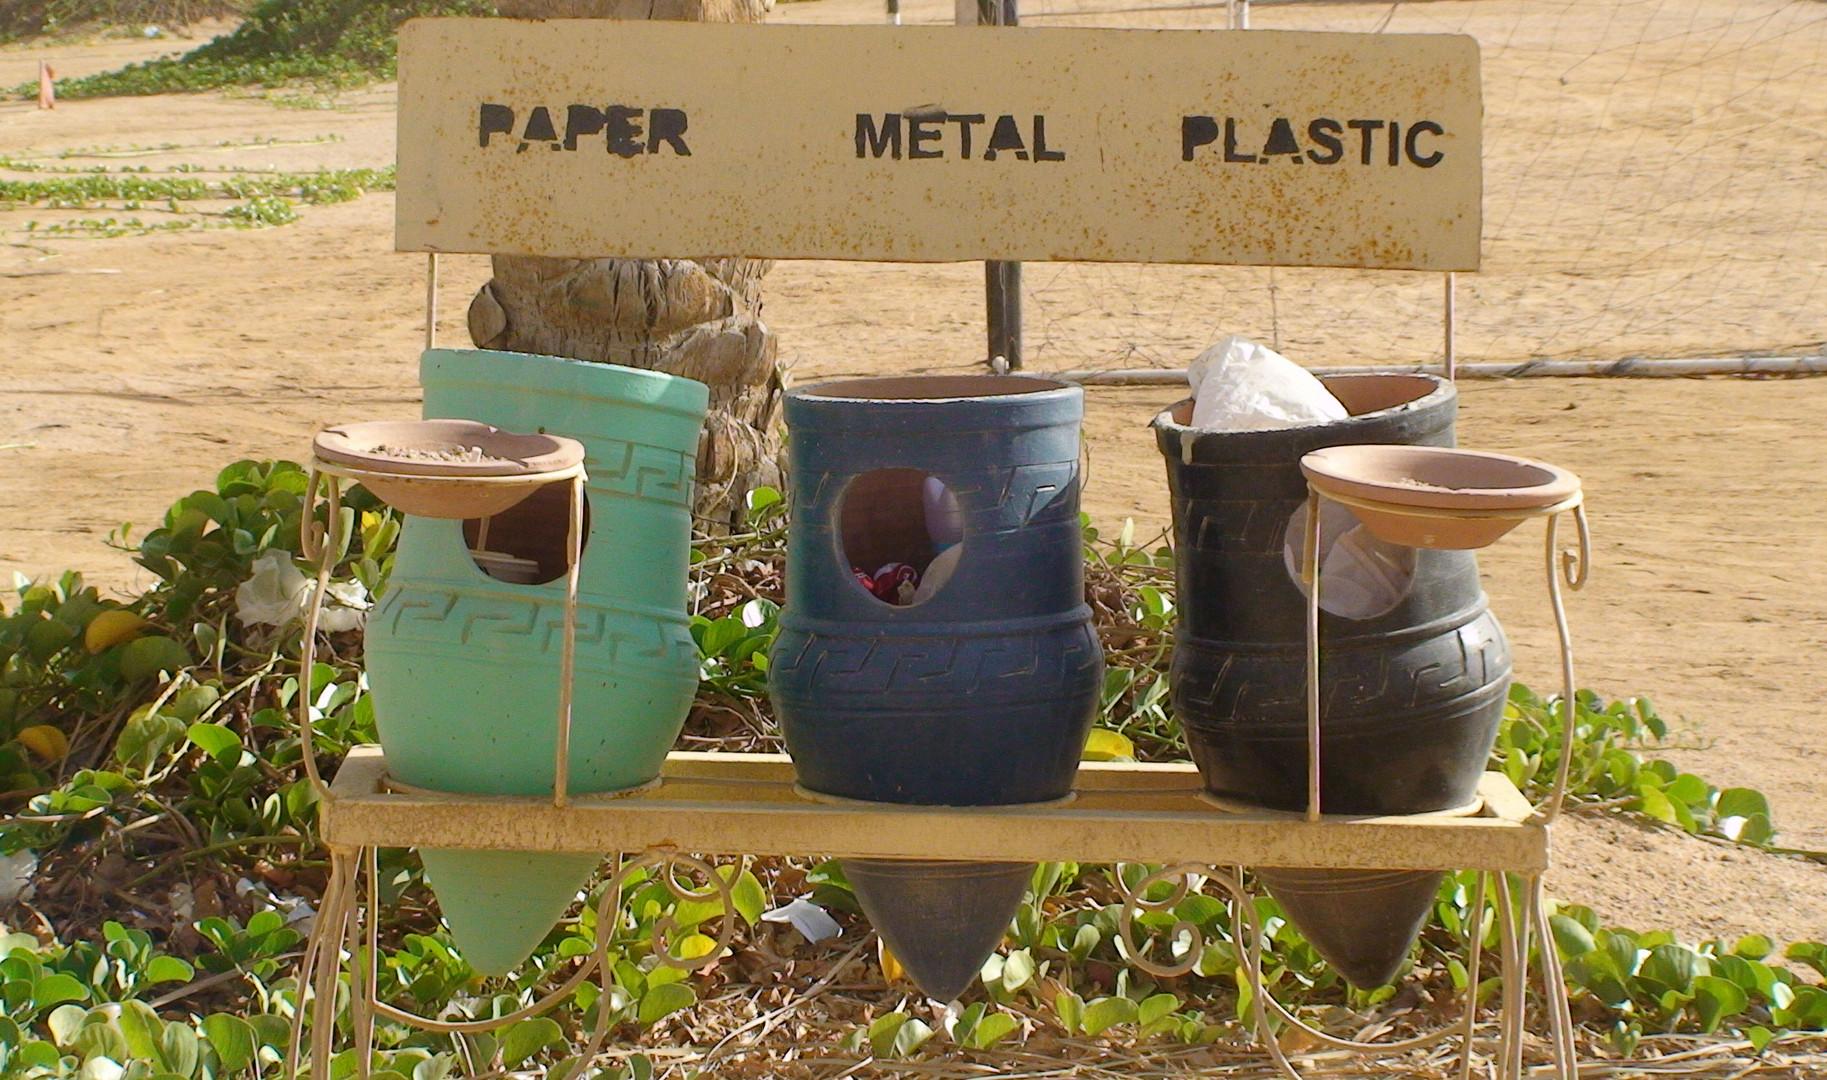 Paper, Metal, Plastic